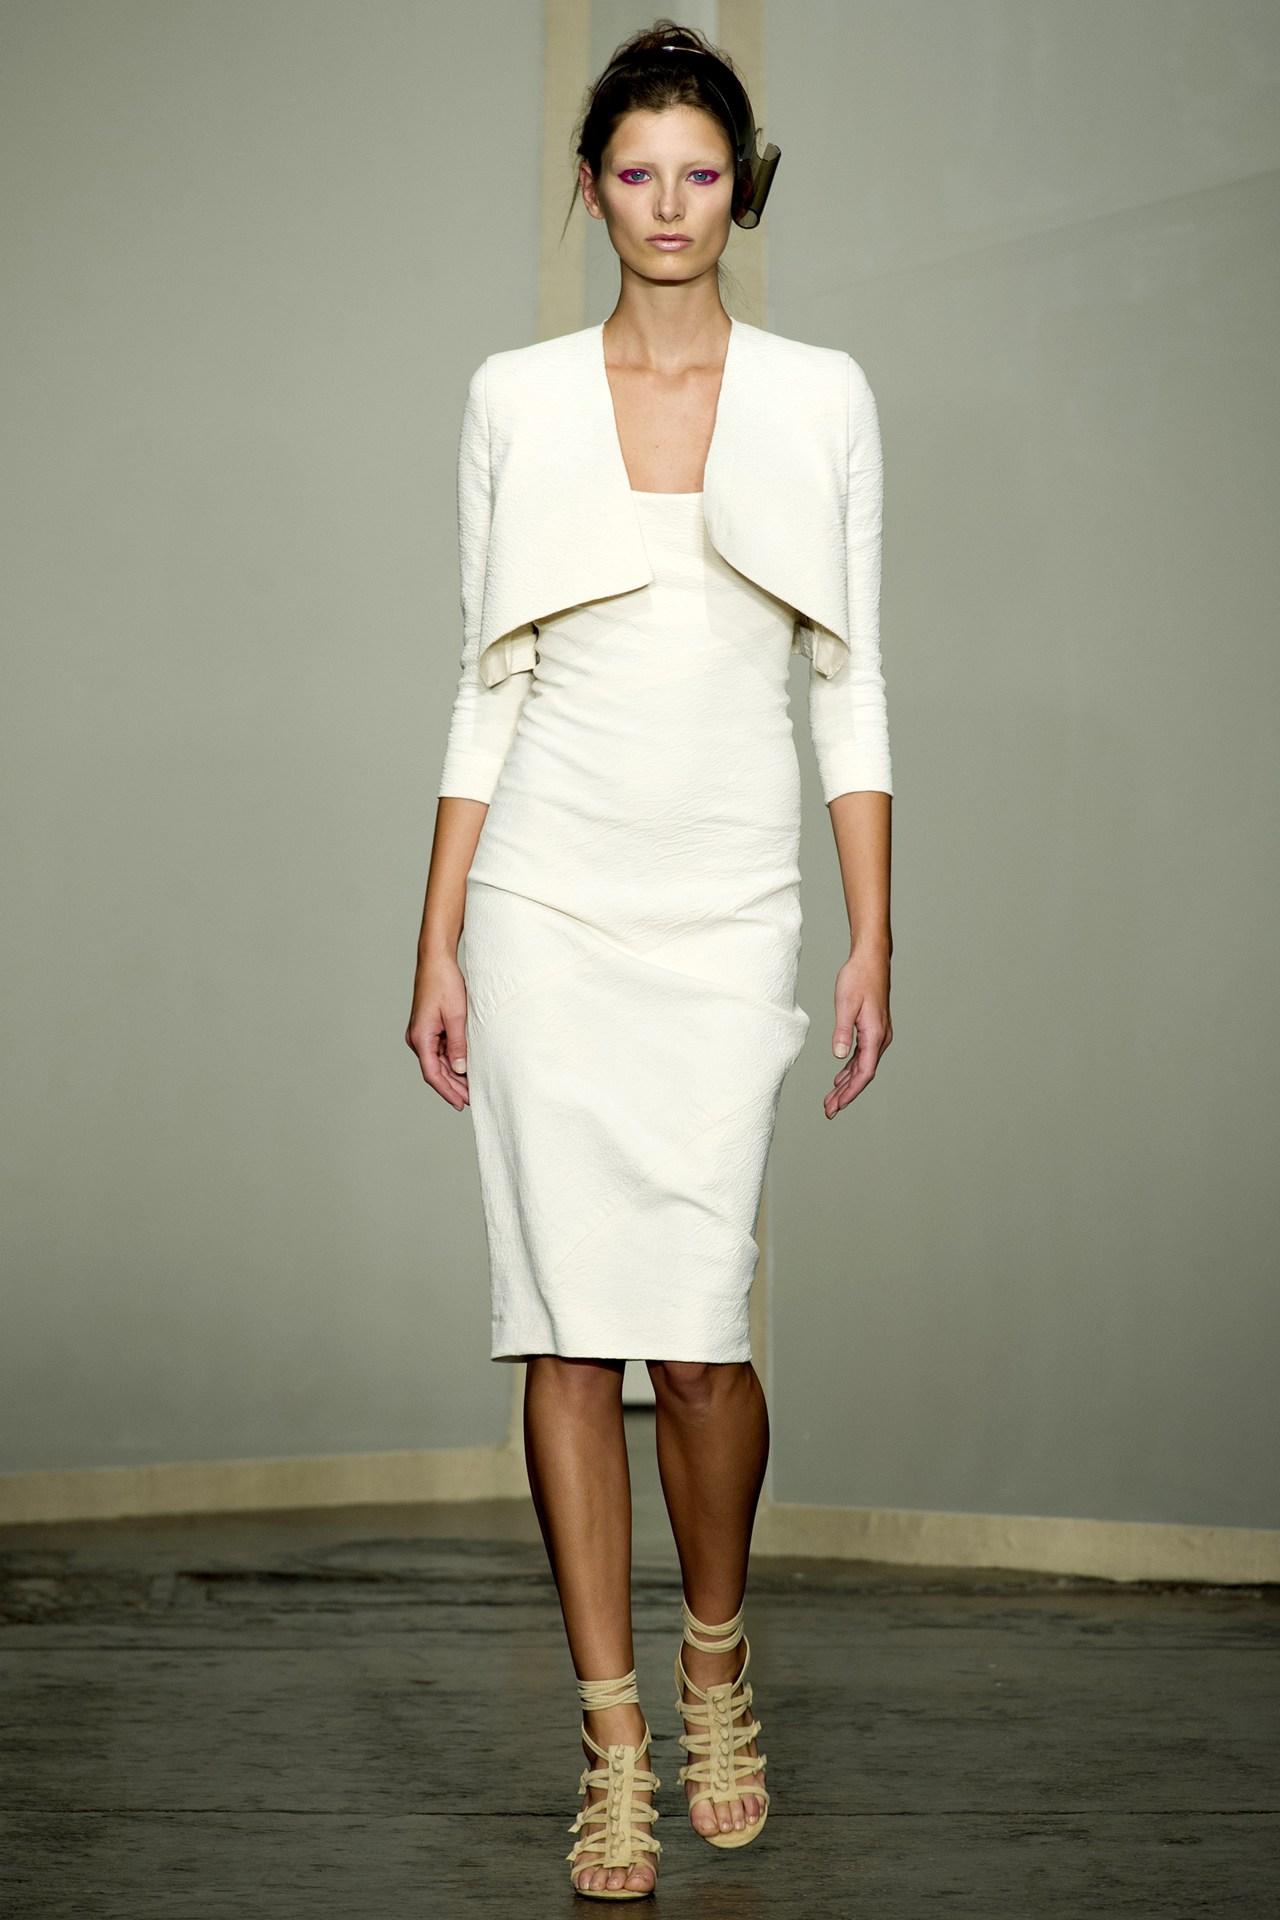 17. donna karan 2 modelsblog.info